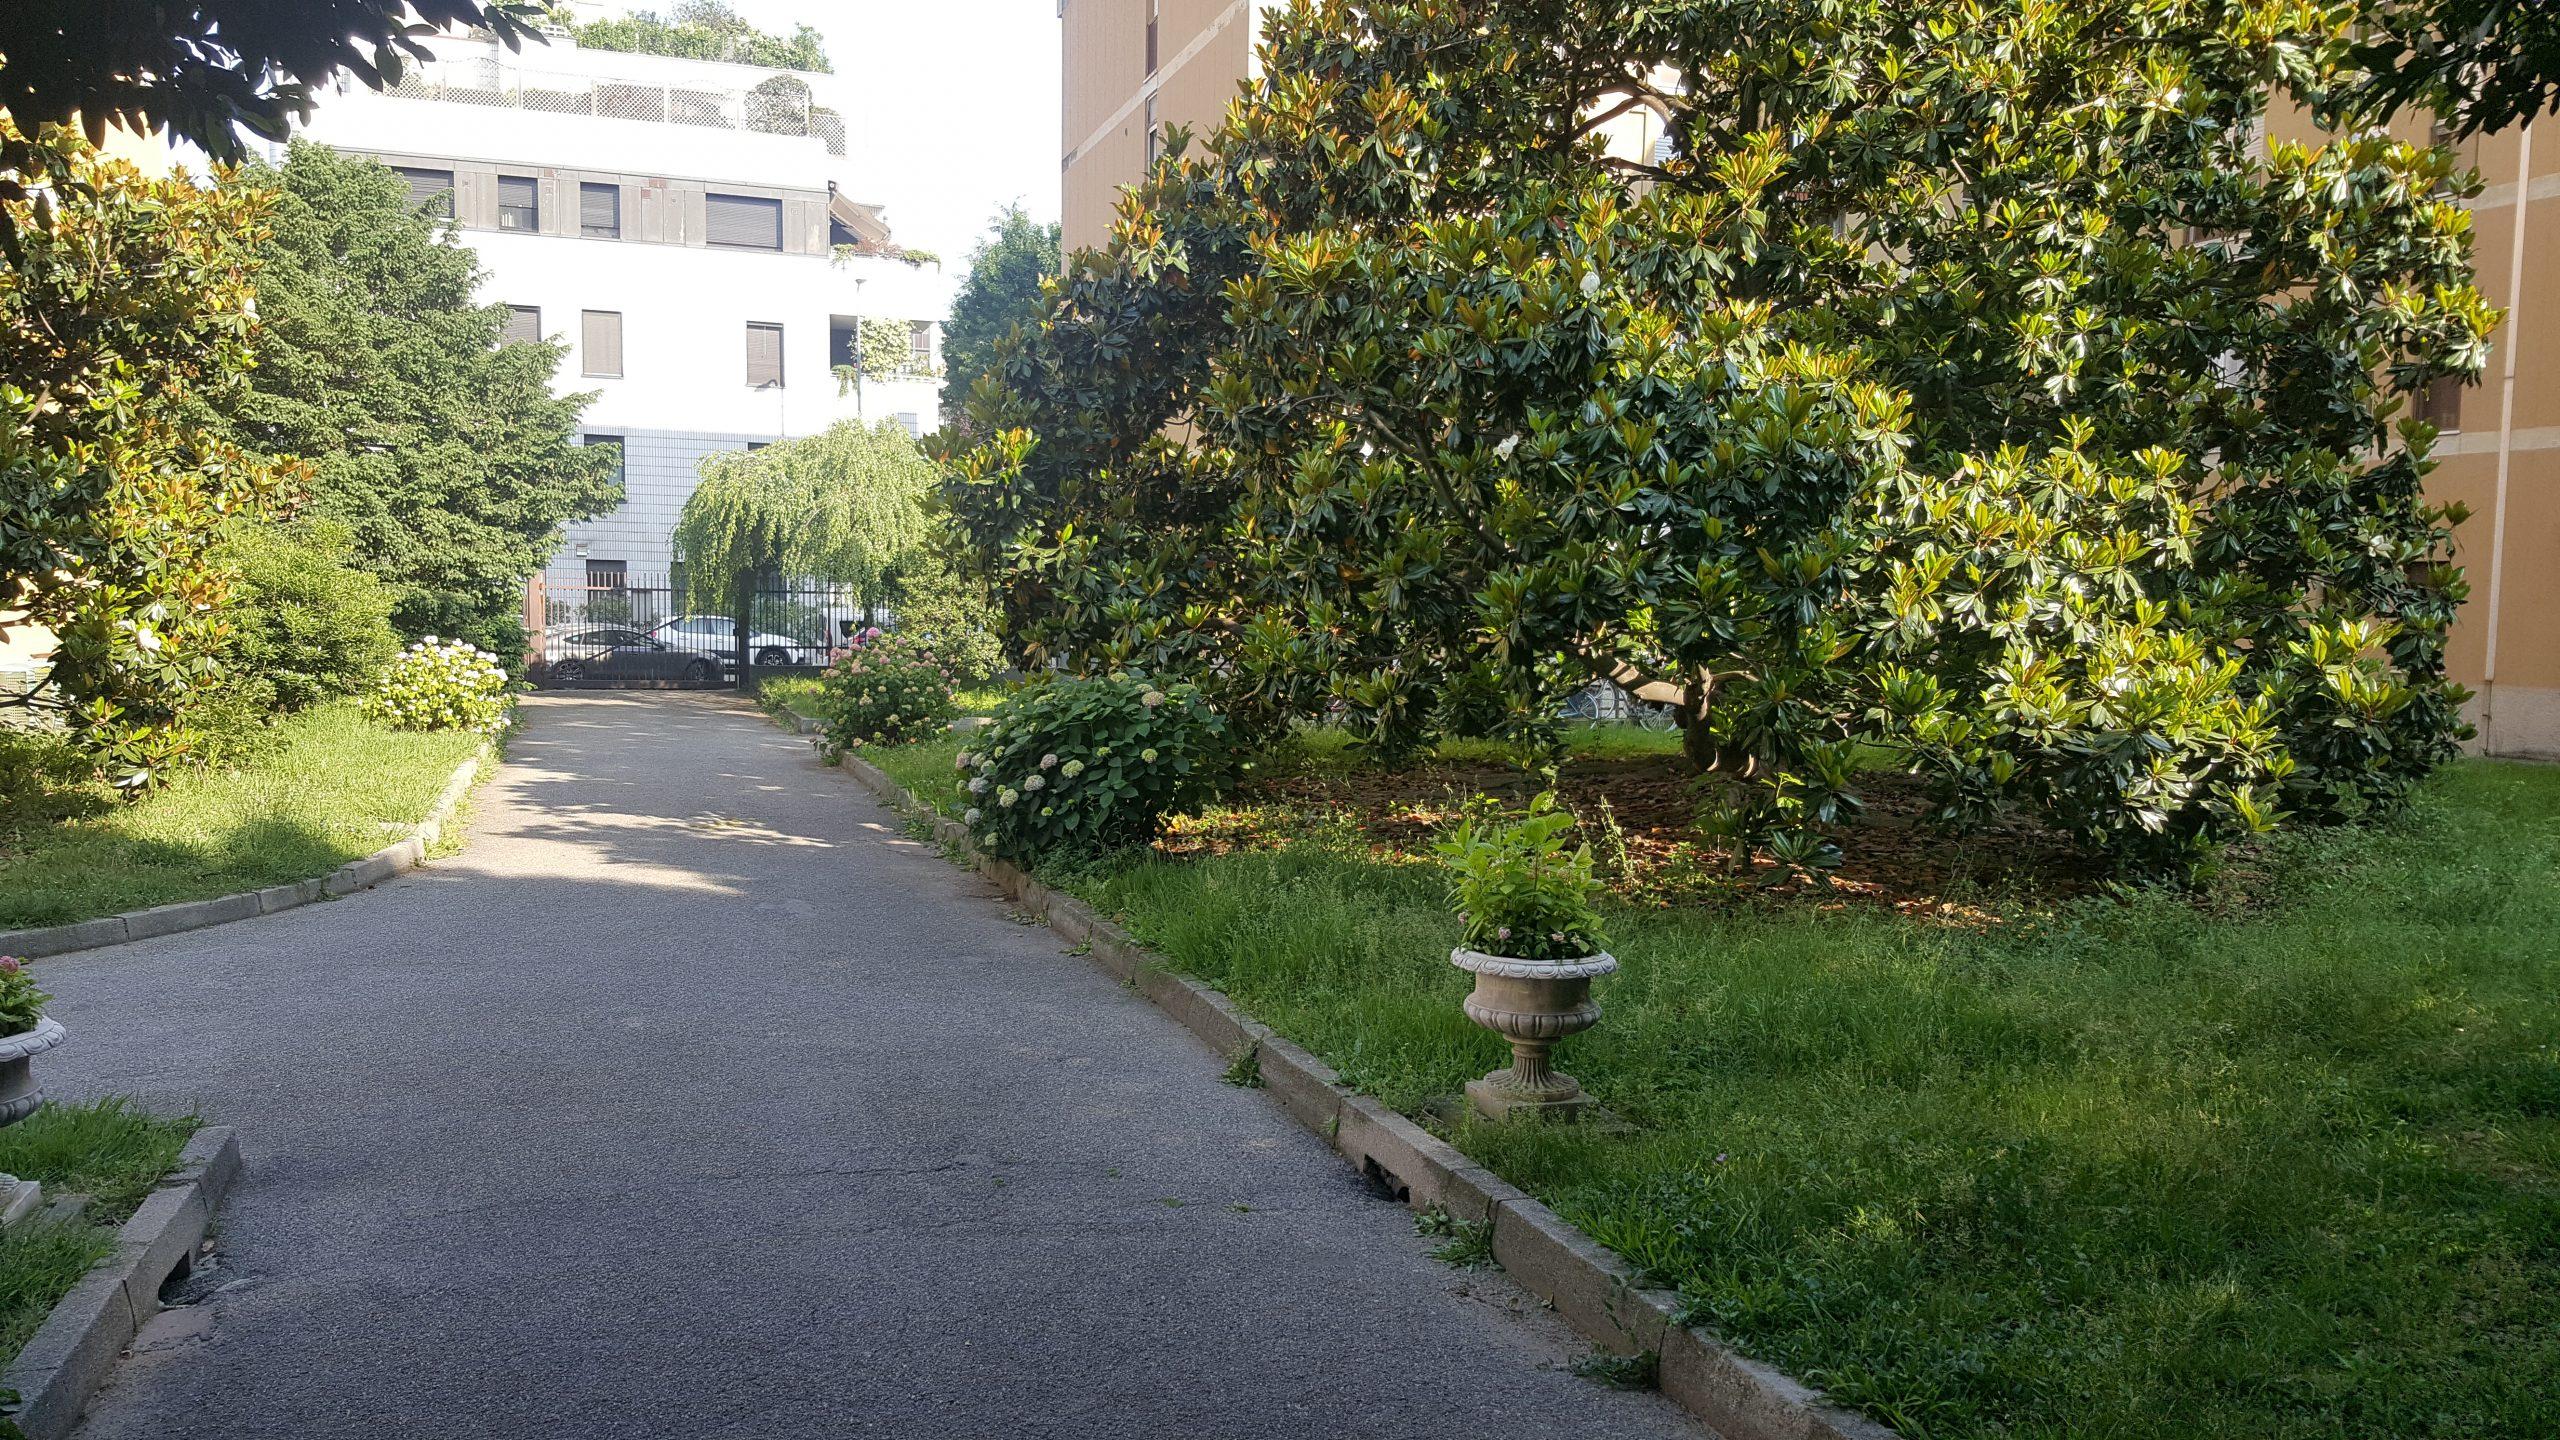 BILOCALE ZONA PORTA ROMANA – Via Maffei – RIF. AGENZIA 2173